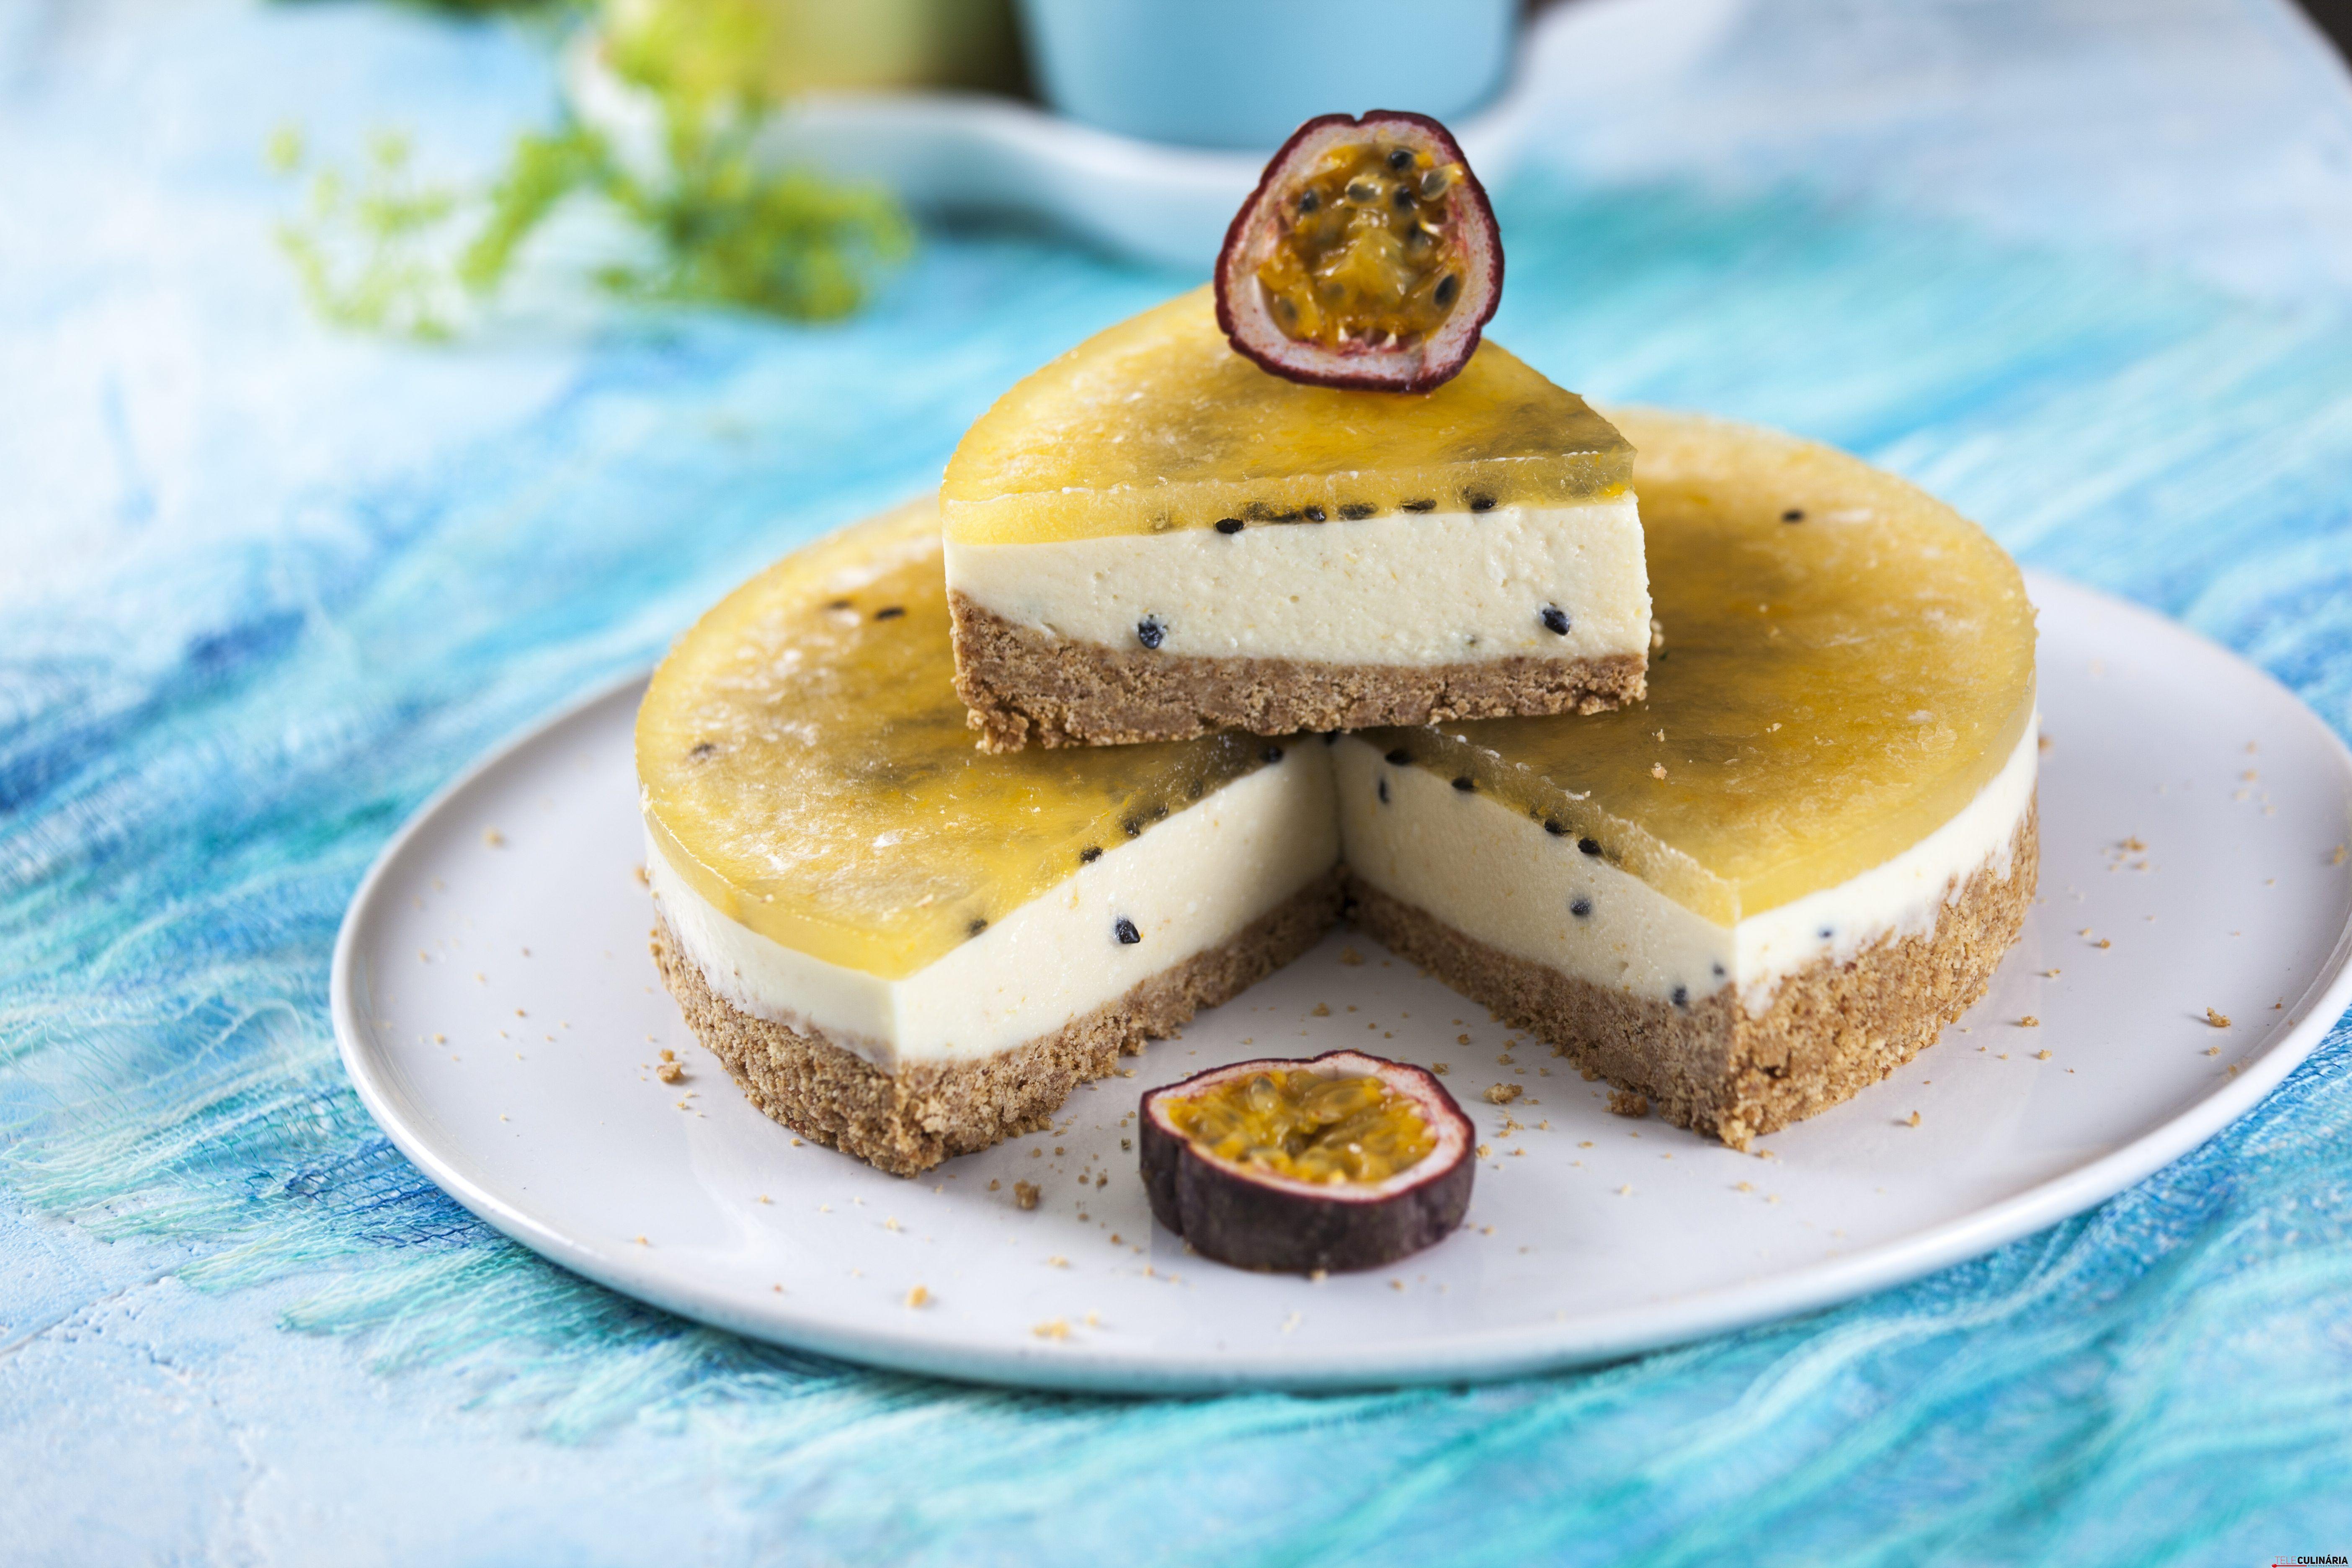 Receita de Semifrio de maracujá. Descubra como cozinhar Semifrio de maracujá de maneira prática e deliciosa com a Teleculinária!